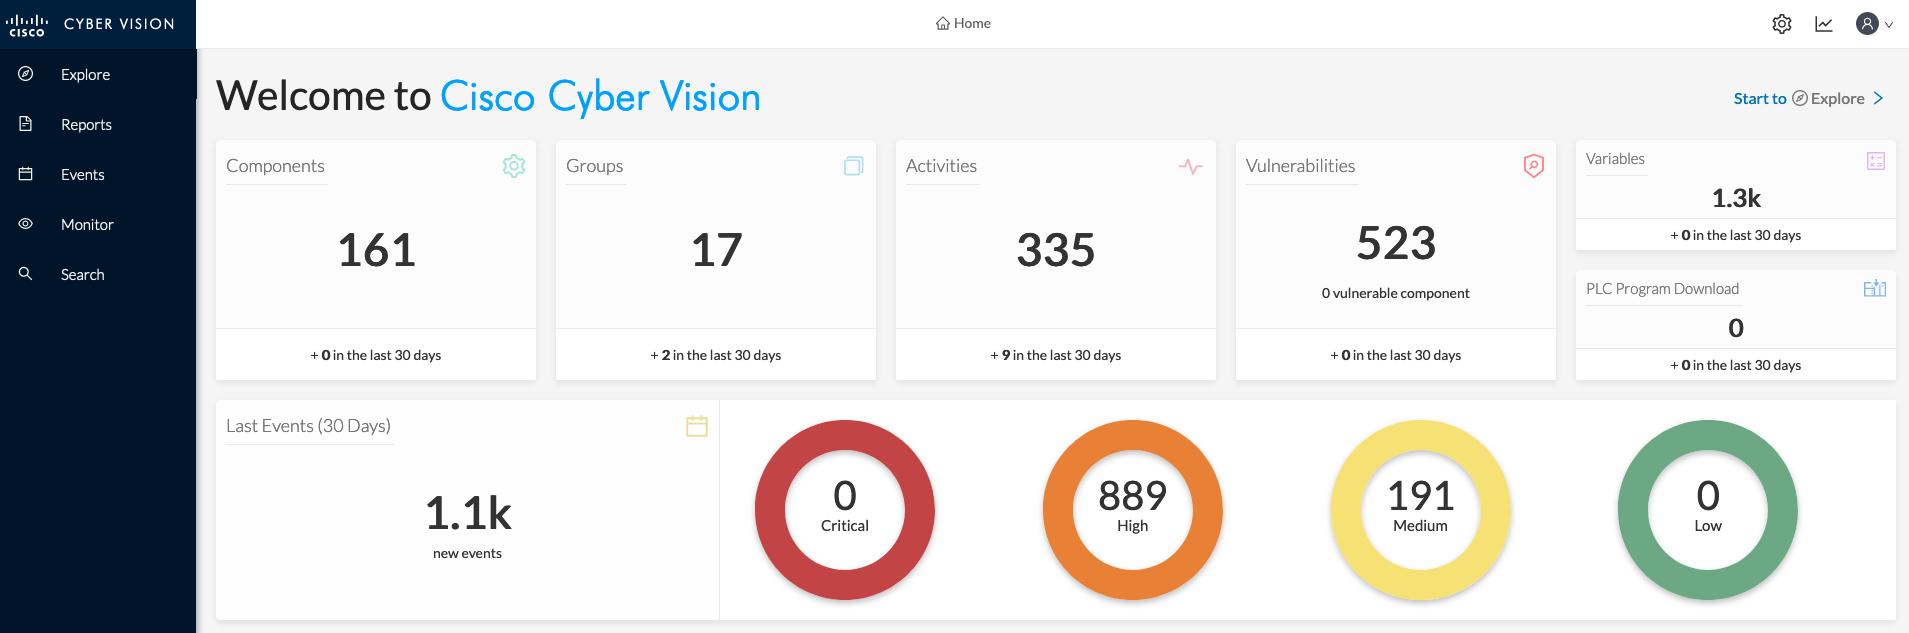 Cisco Cyber Vision